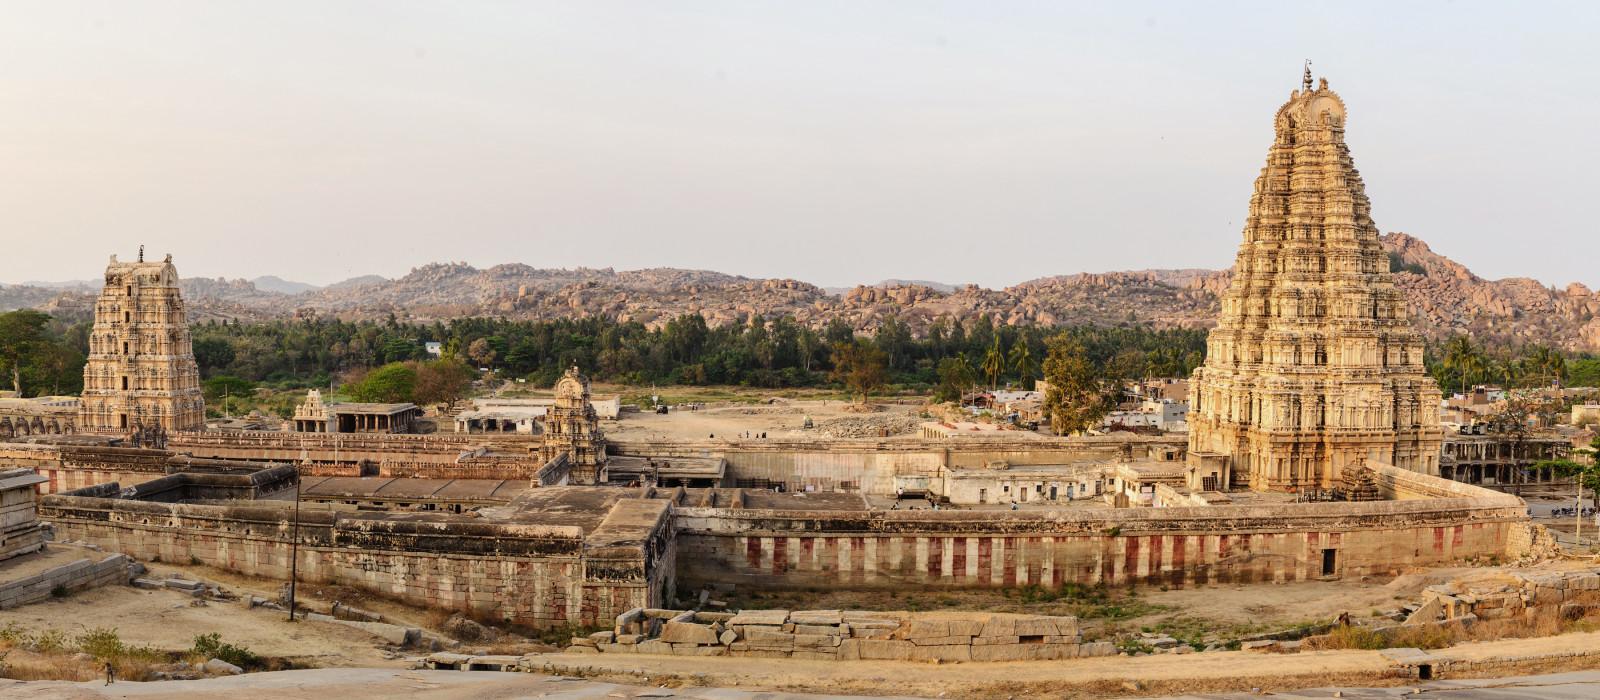 Virupaksha Tempel in  Vijayanagar, Hampi, Karnataka, Indien